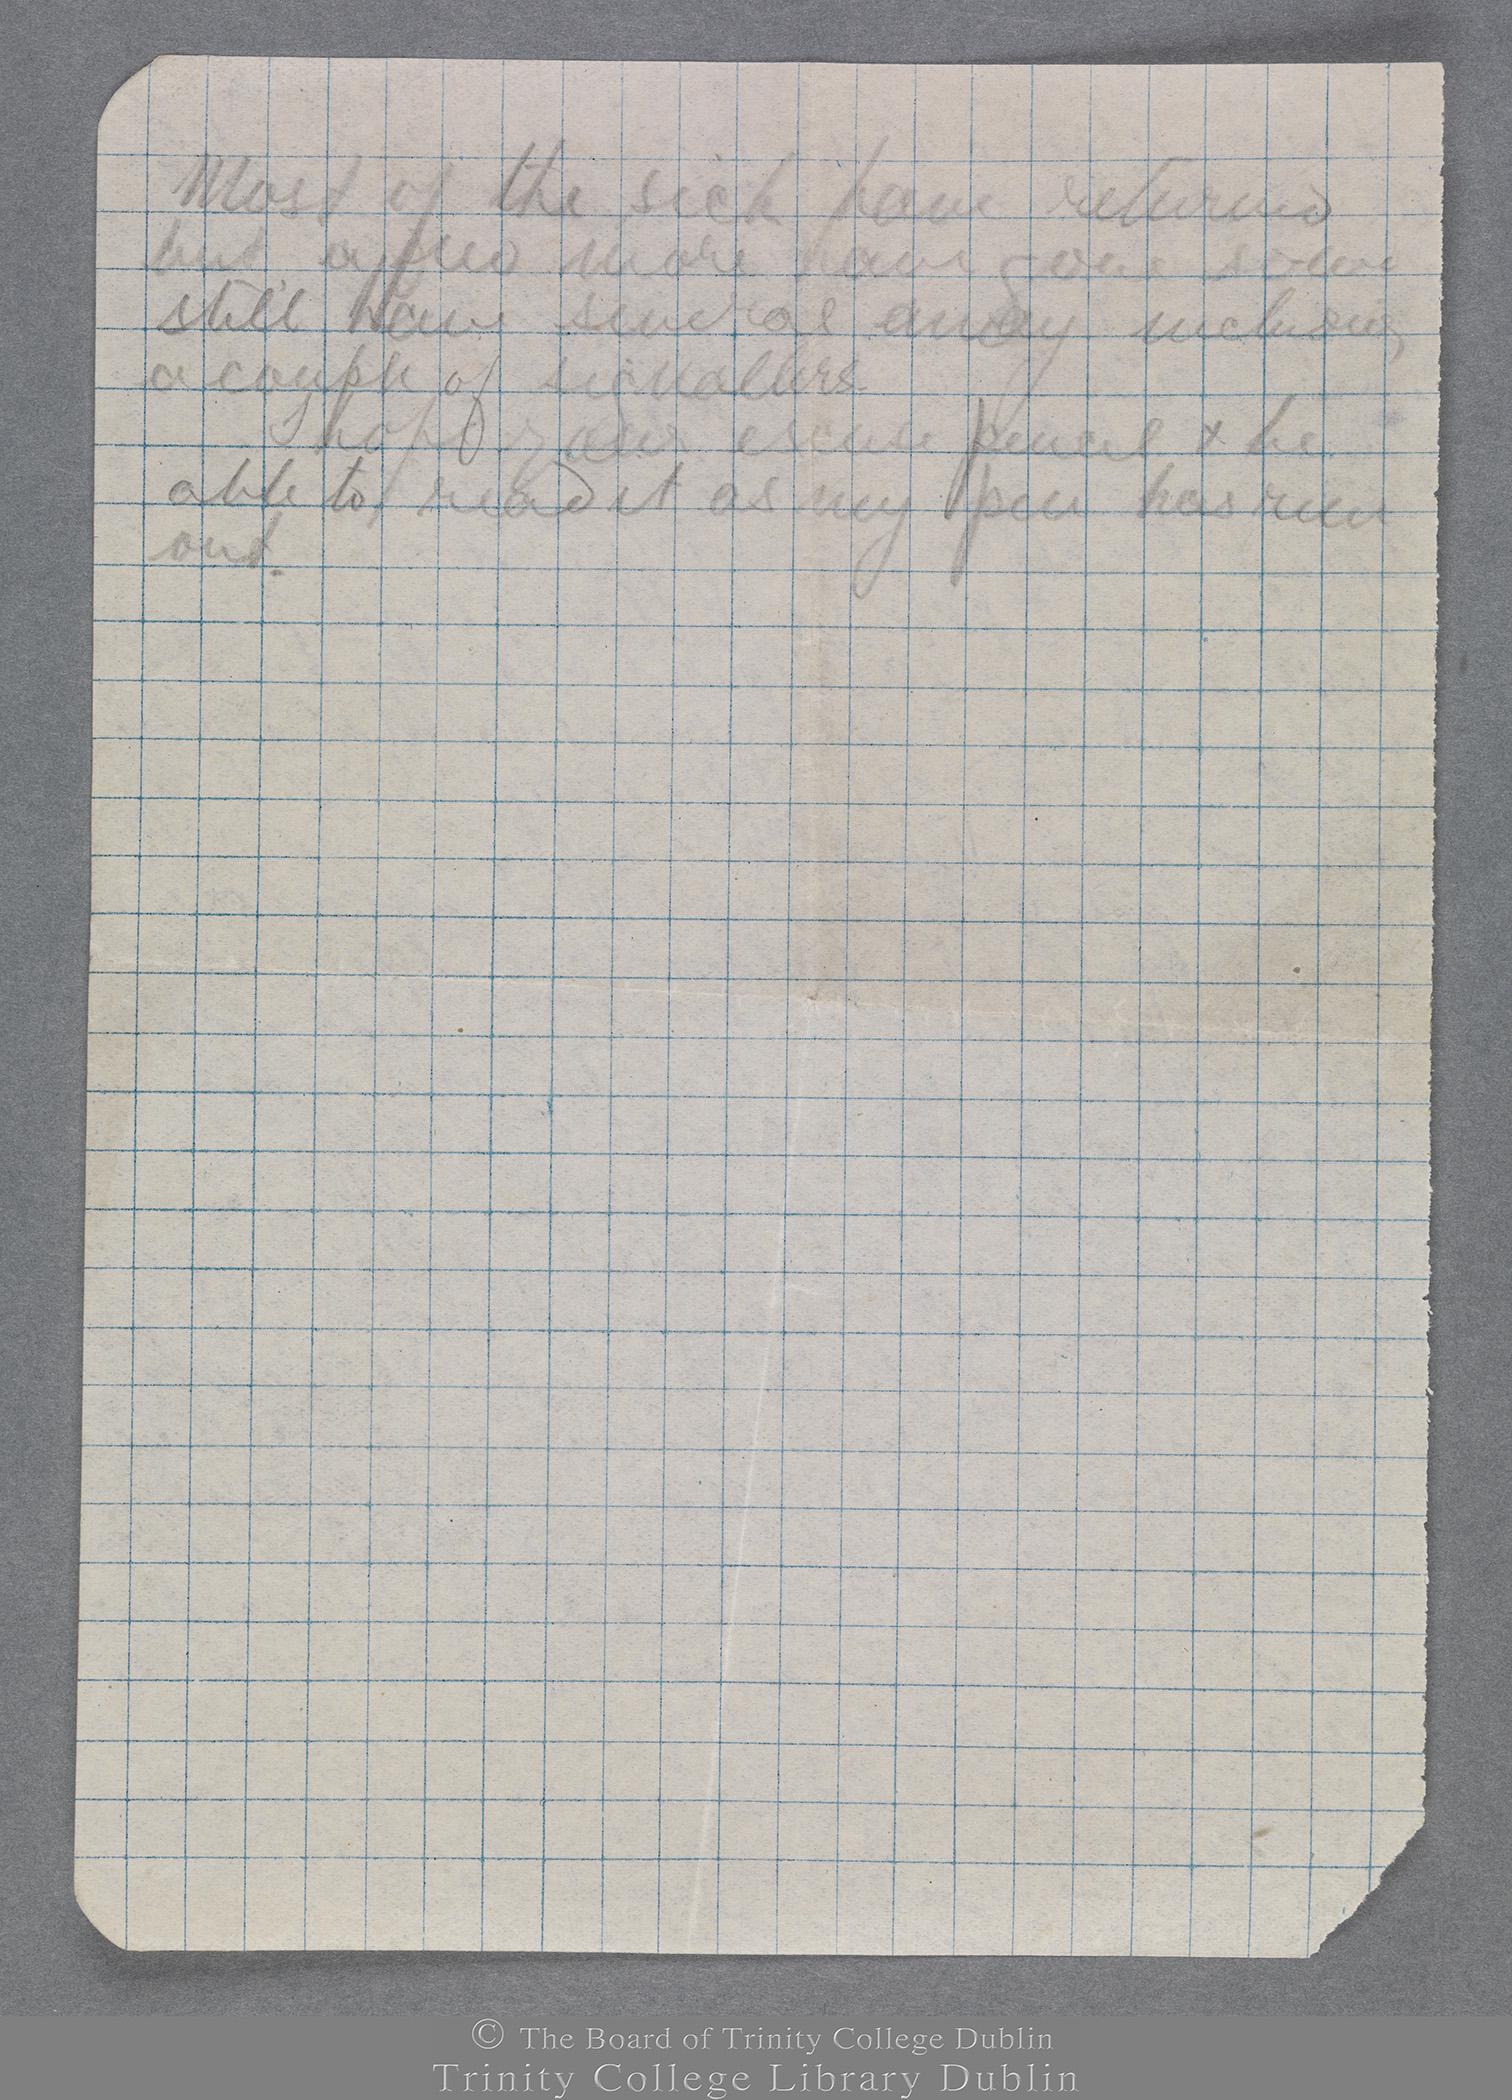 TCD MS 10247/1/829 folio 2 verso